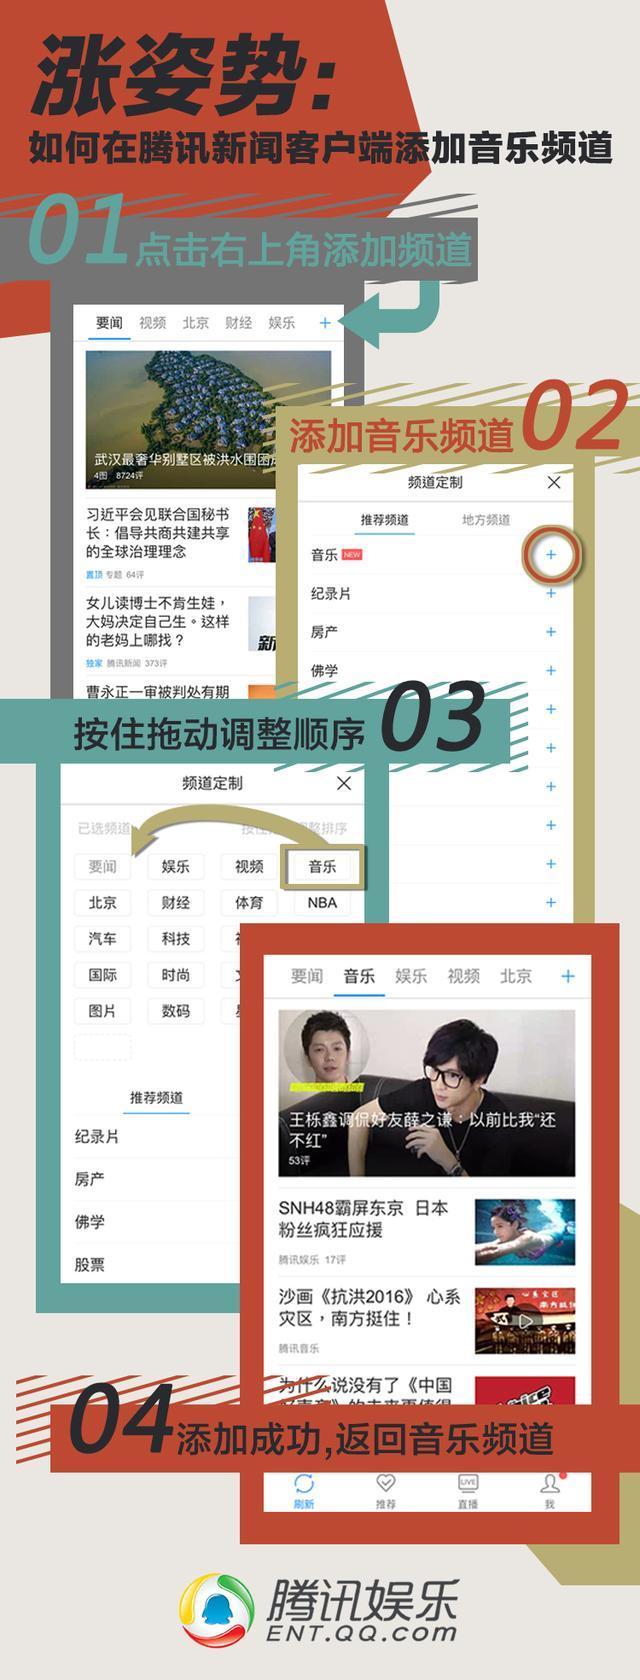 猝不及防,王菲要发新歌了!9.24在QQ音乐等你